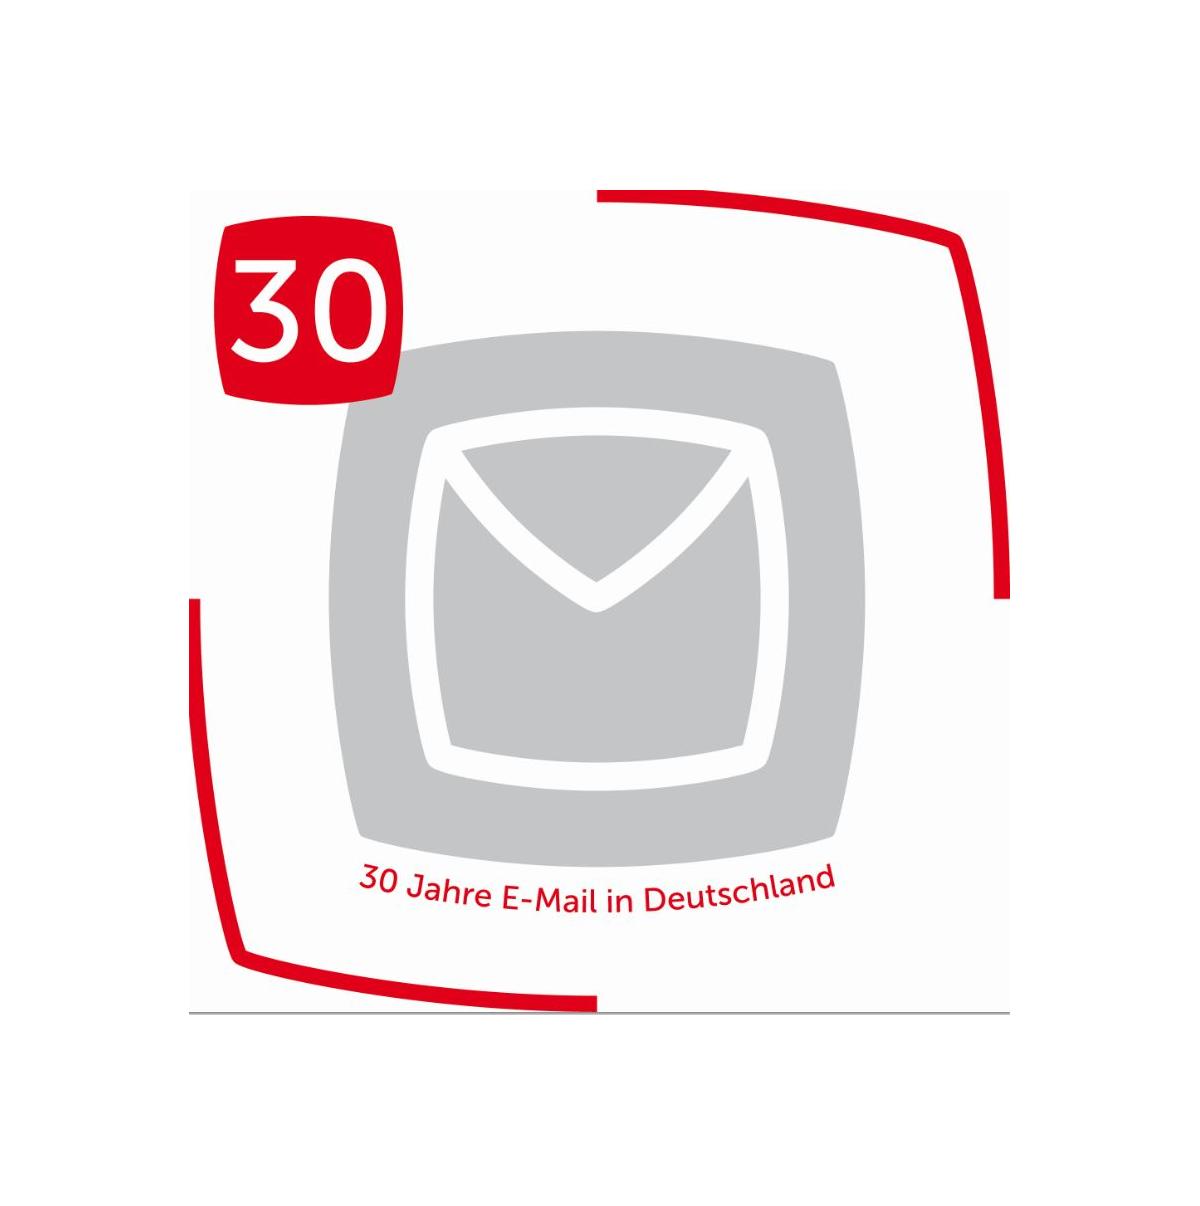 Online dating Erste Mail betreff